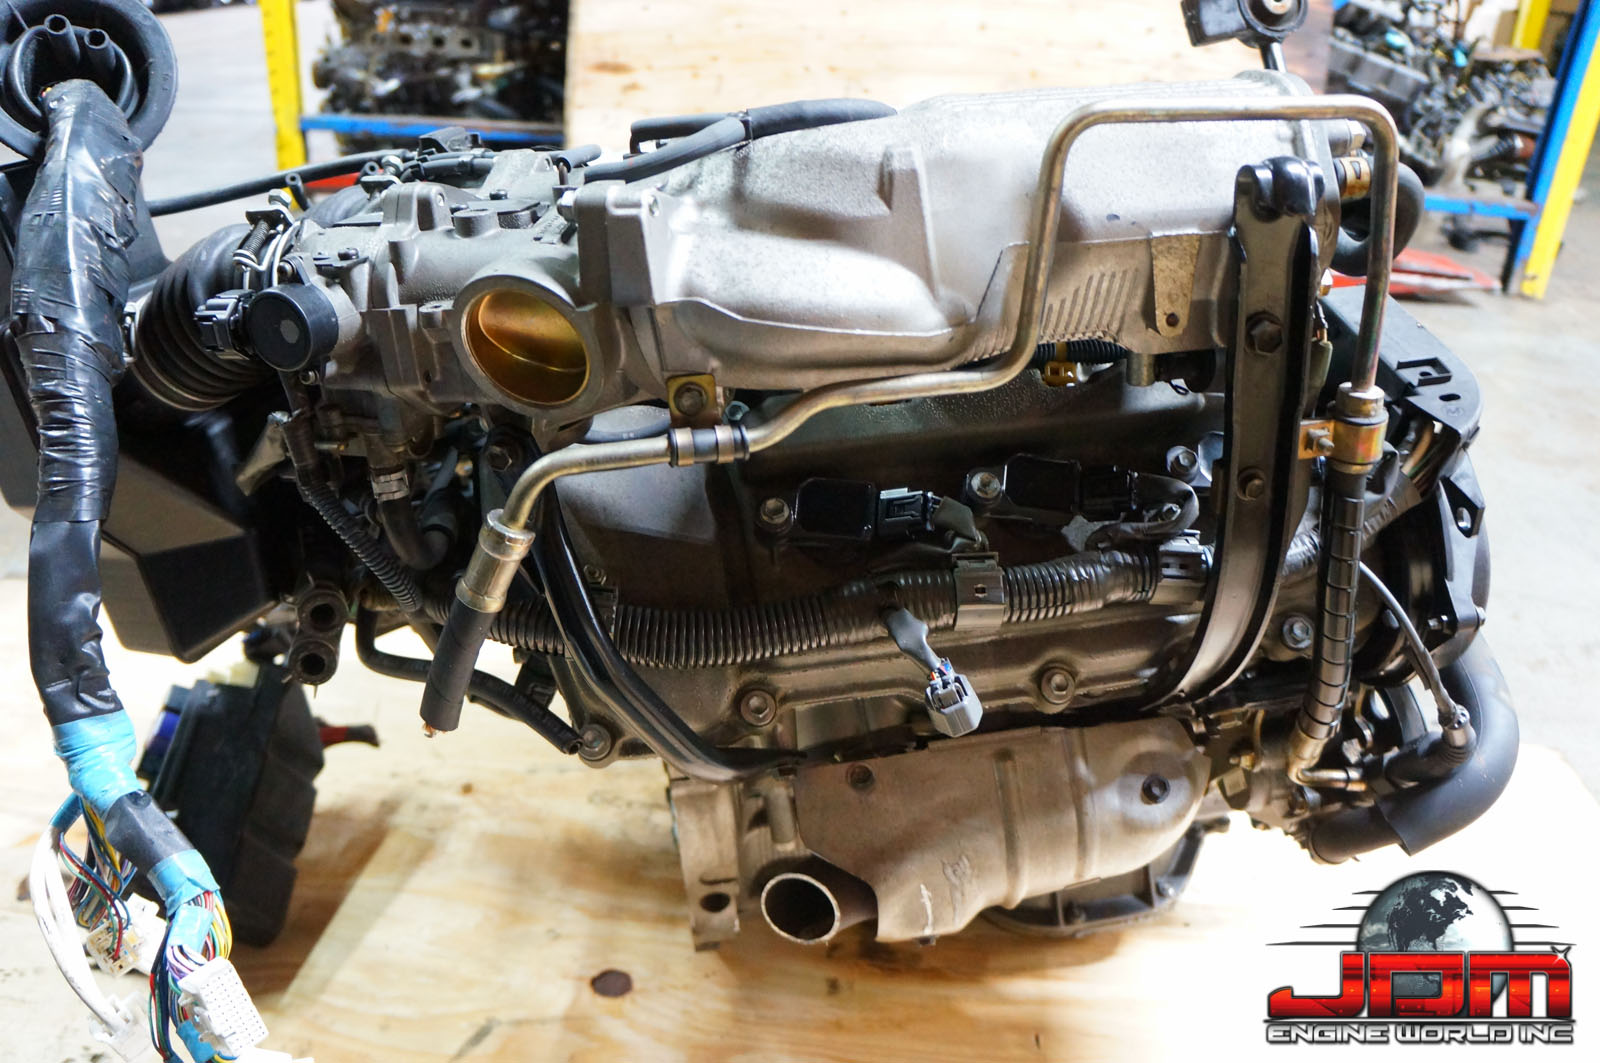 98 99 00 01 02 03 TOYOTA SOLARA 1MZ-FE ENGINE 3.0L V6 VVTi JDM 1MZ-FE